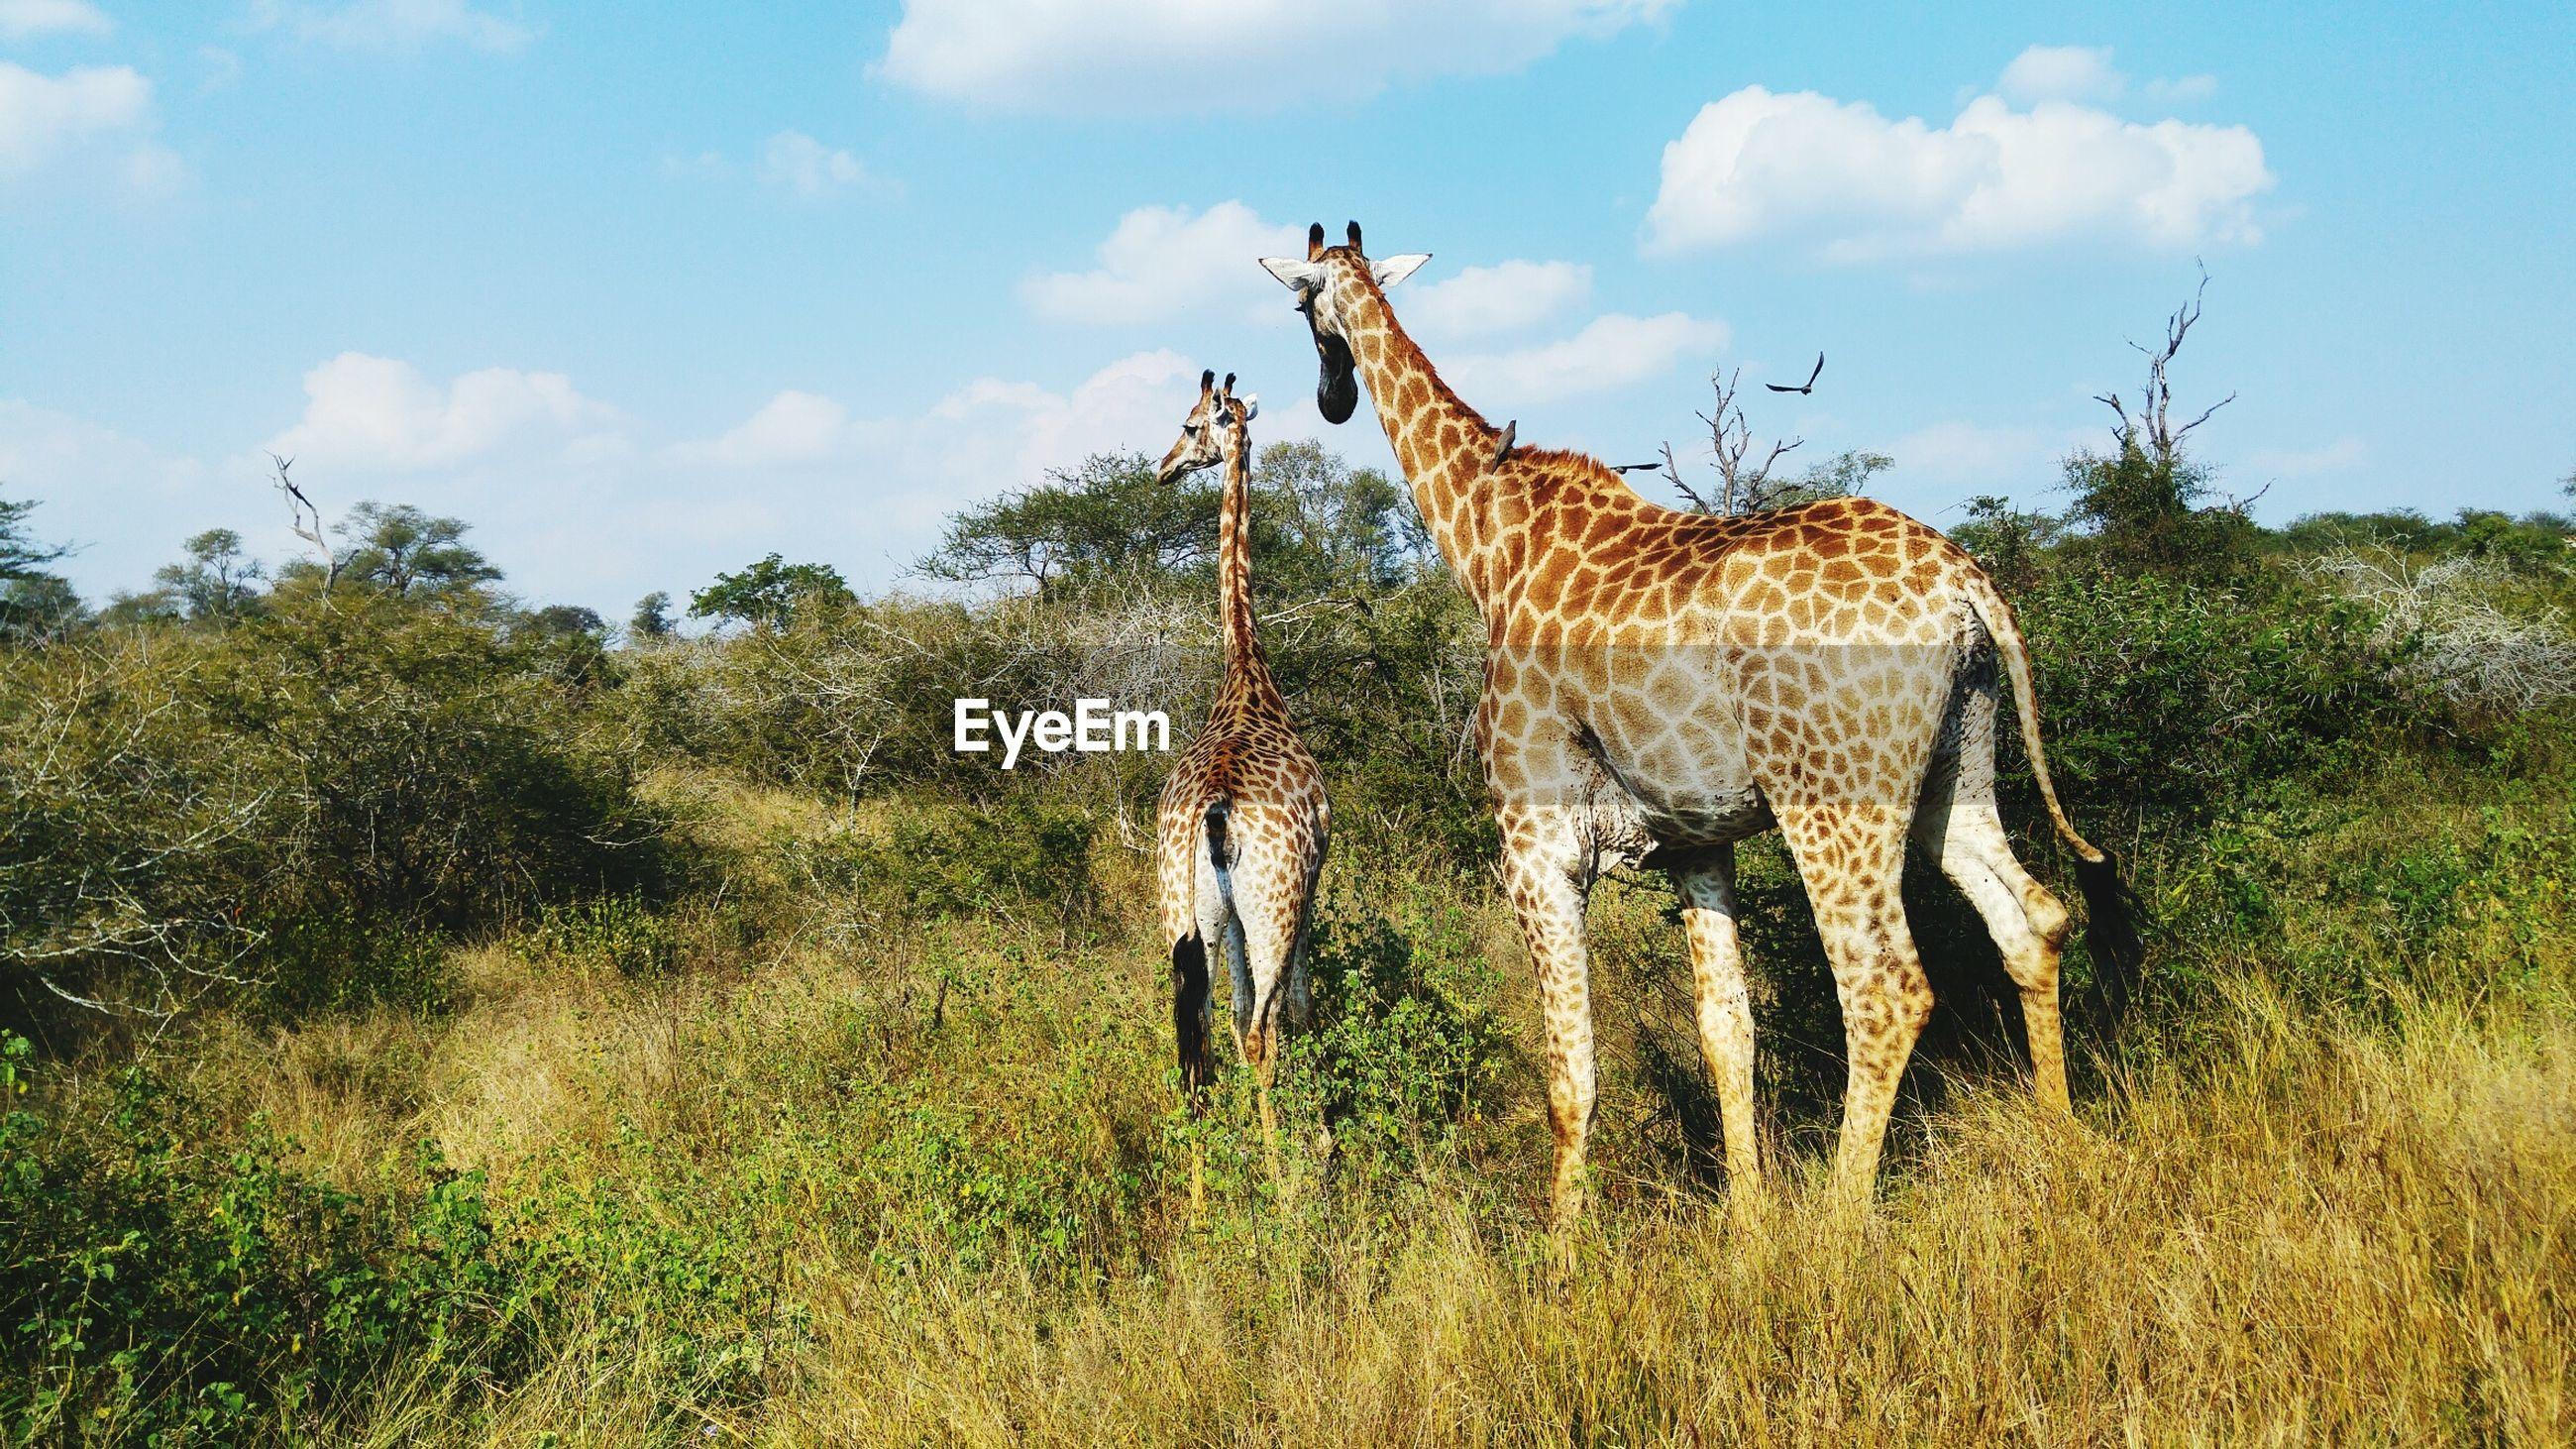 ZEBRAS STANDING ON GRASS AGAINST SKY